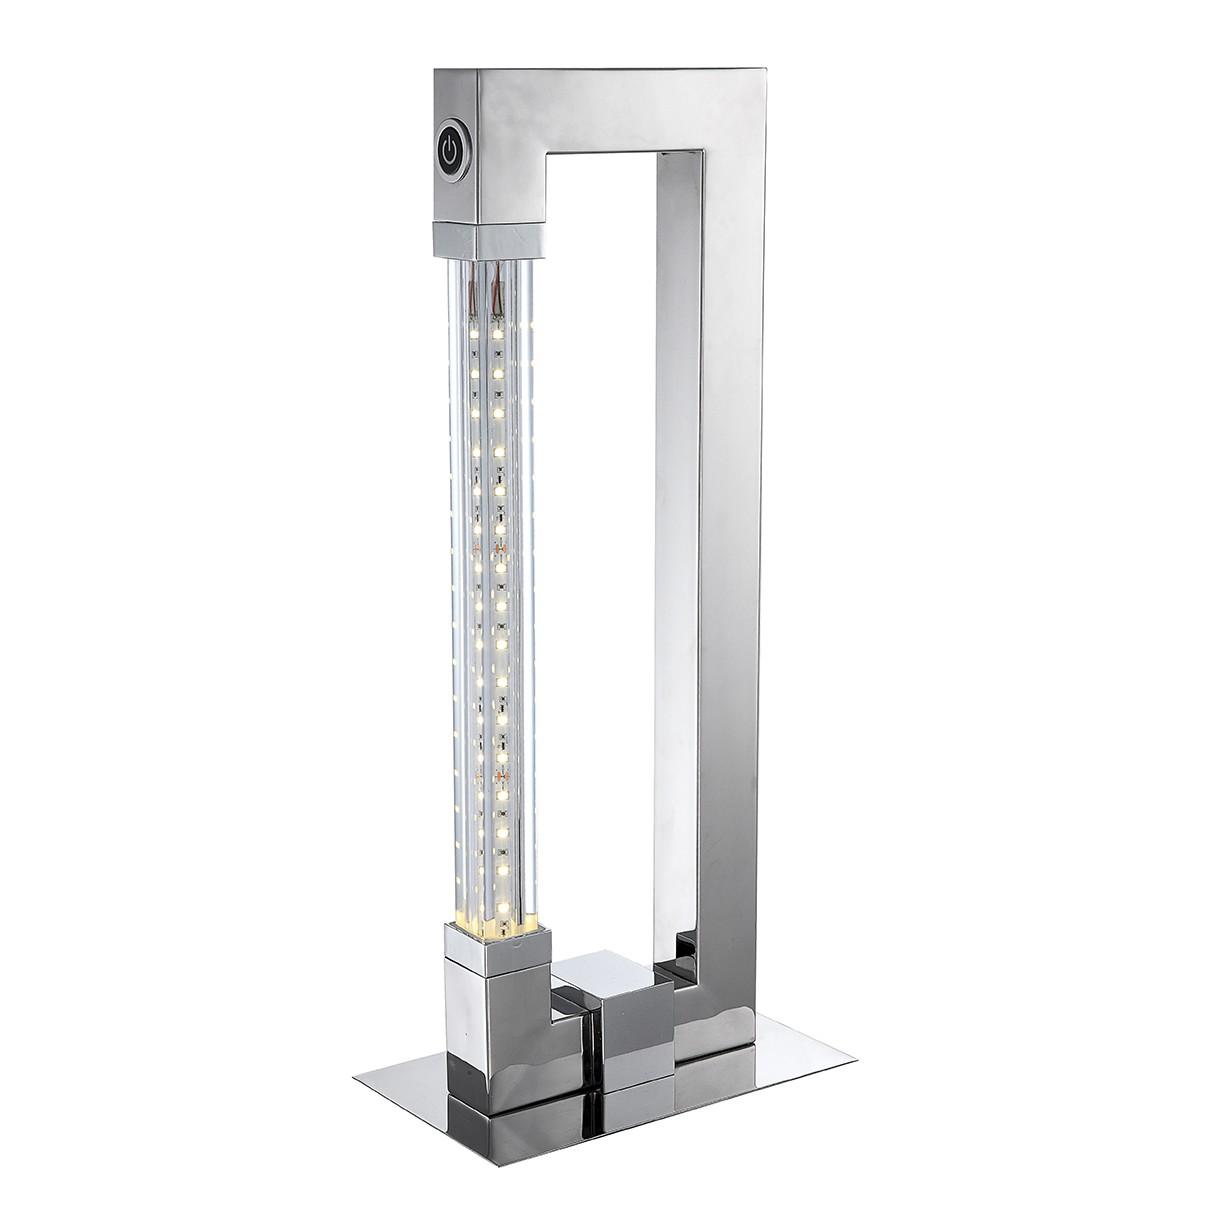 LED-Tischleuchte Tschuradpra 1-flammig ● Silber Metall- verchromt- Globo Lighting A+